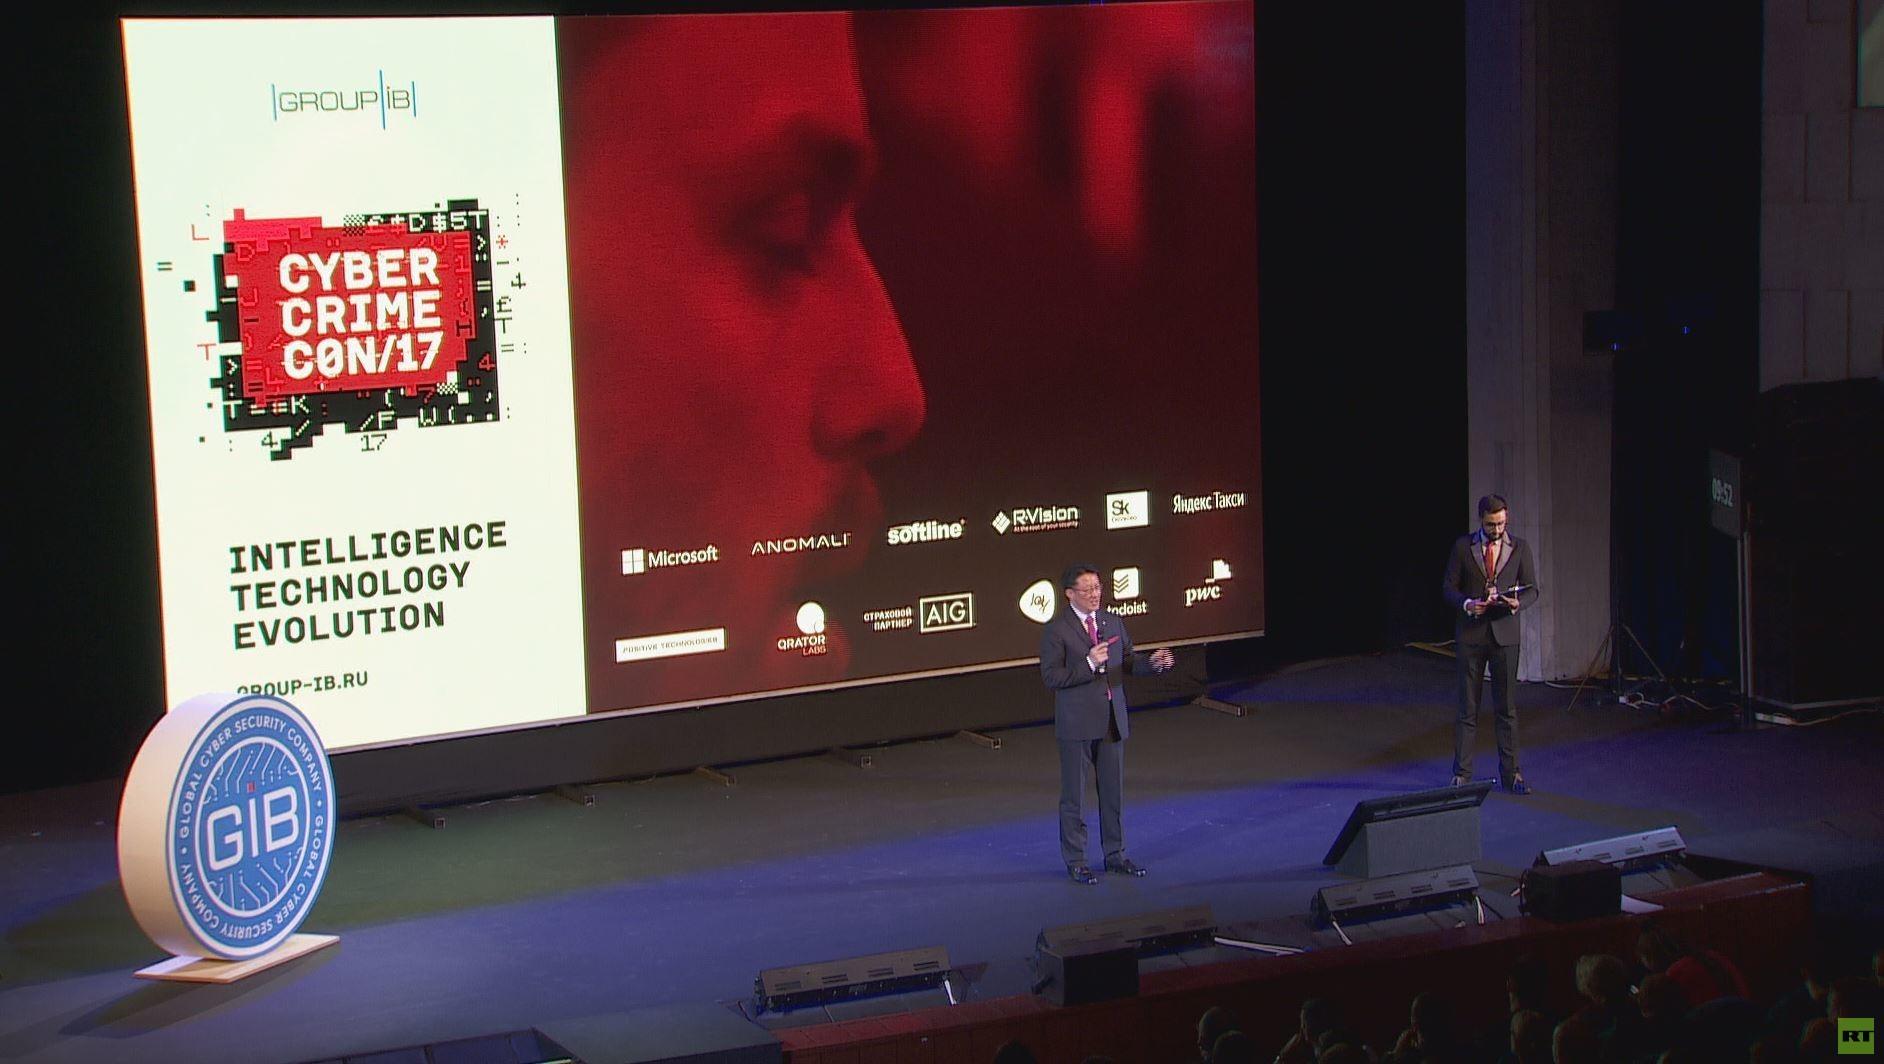 Cyber Crime Con Moskau: Über Cyberangriffe und voreilige Schlussfolgerungen [Video]